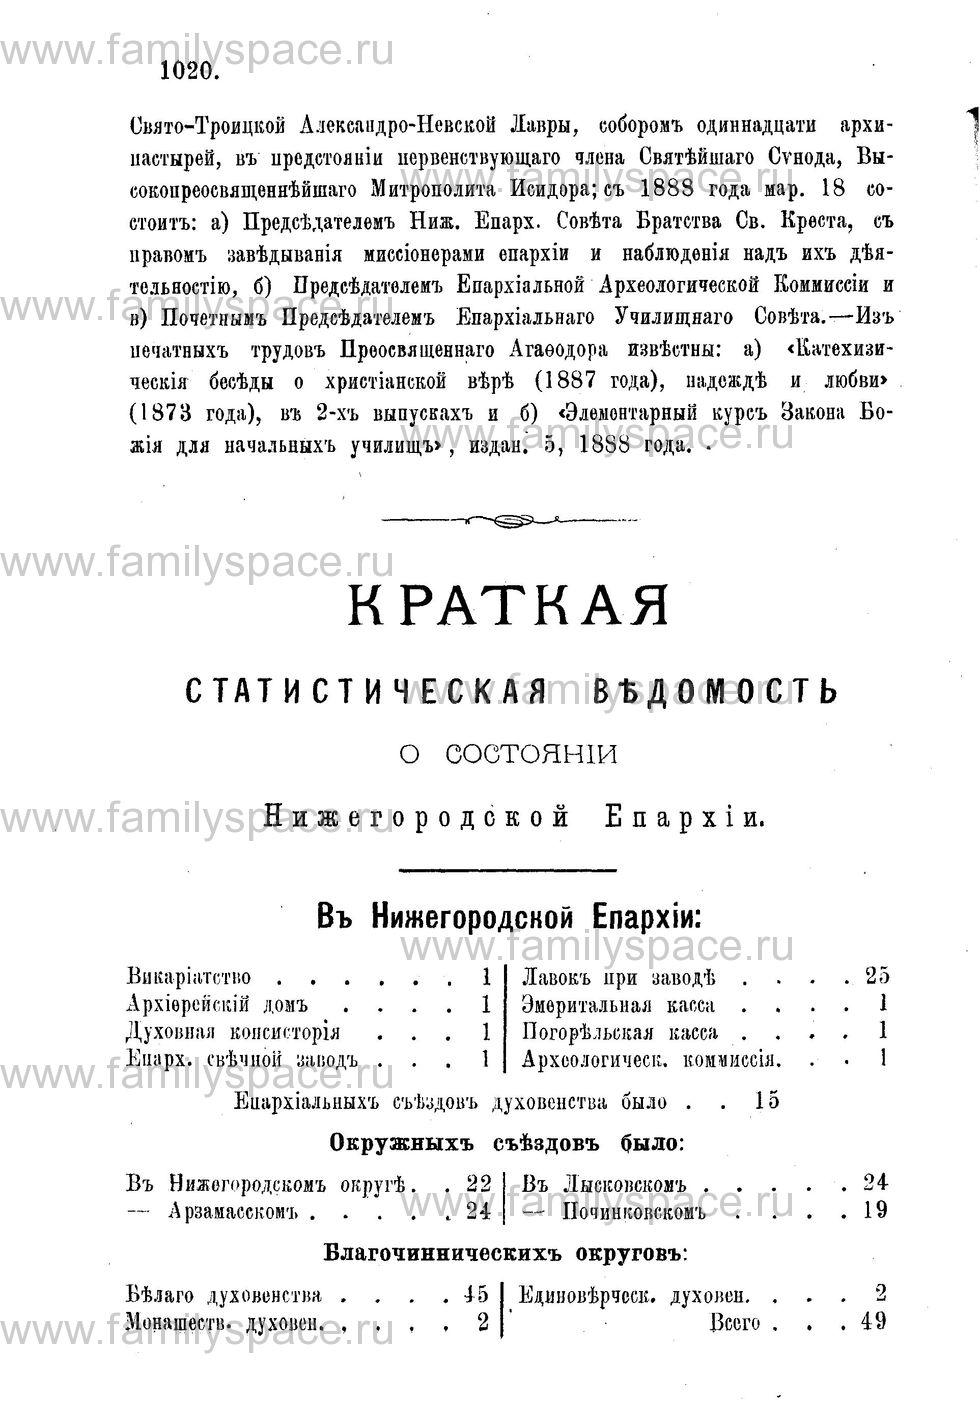 Поиск по фамилии - Адрес-календарь Нижегородской епархии на 1888 год, страница 2020